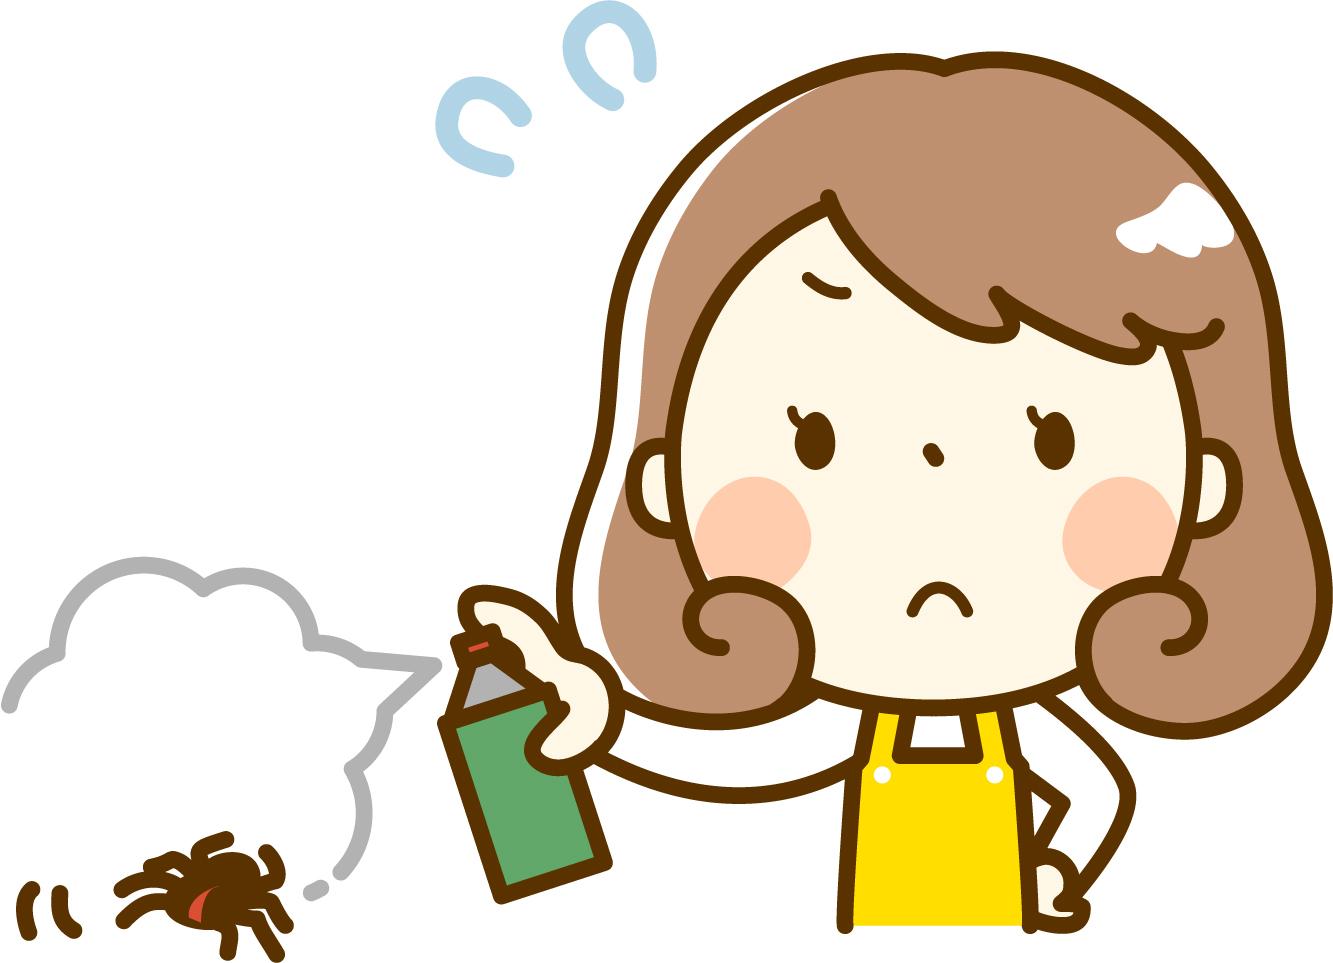 夏はゴキブリ対策も重要!うさぎのための害虫駆除